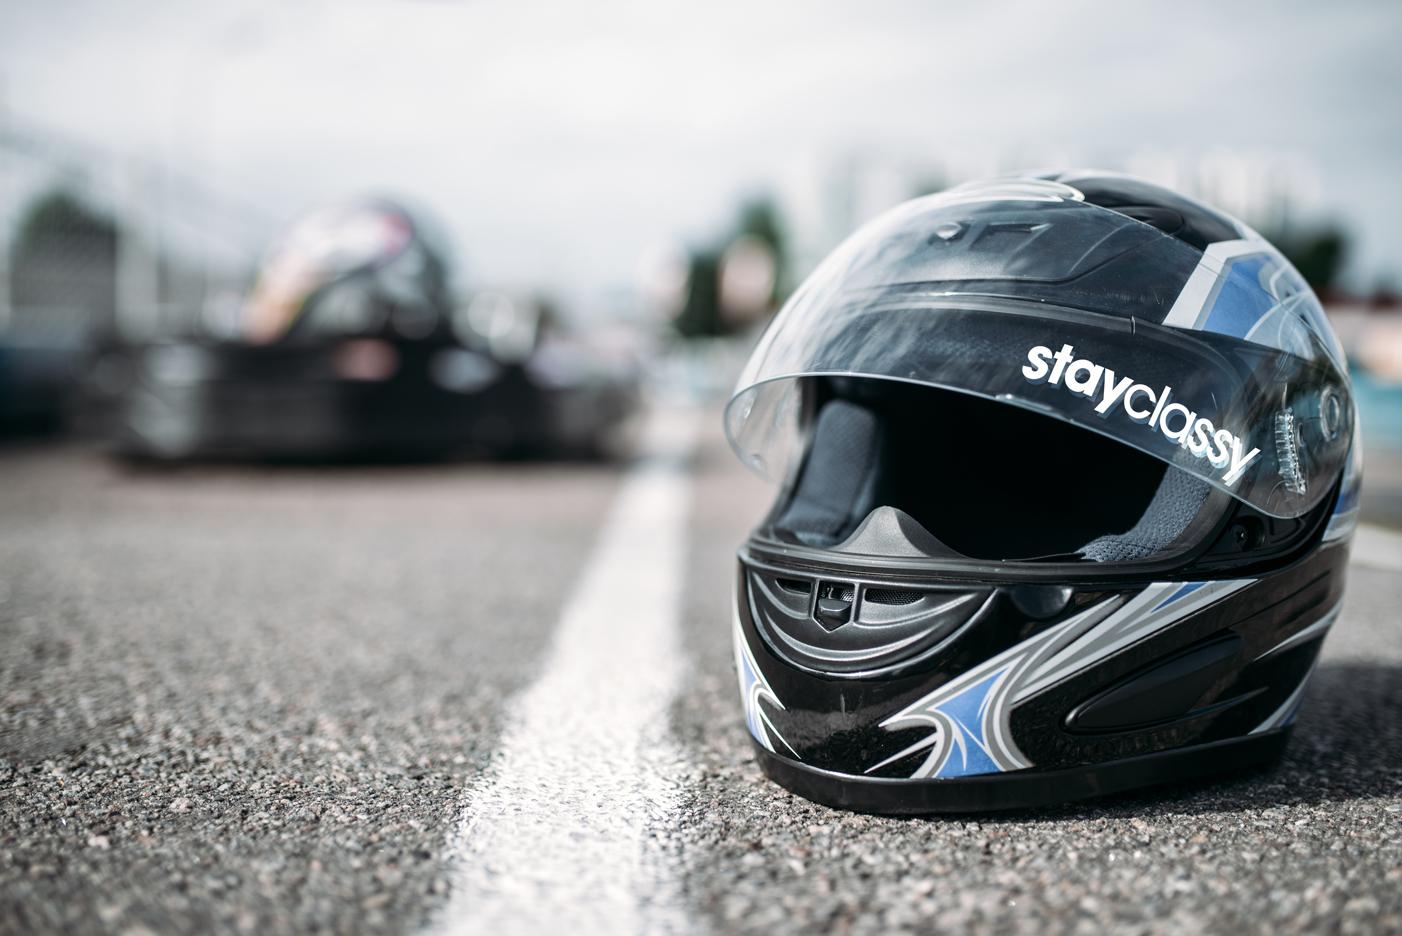 StayClassy sponsored race helmet